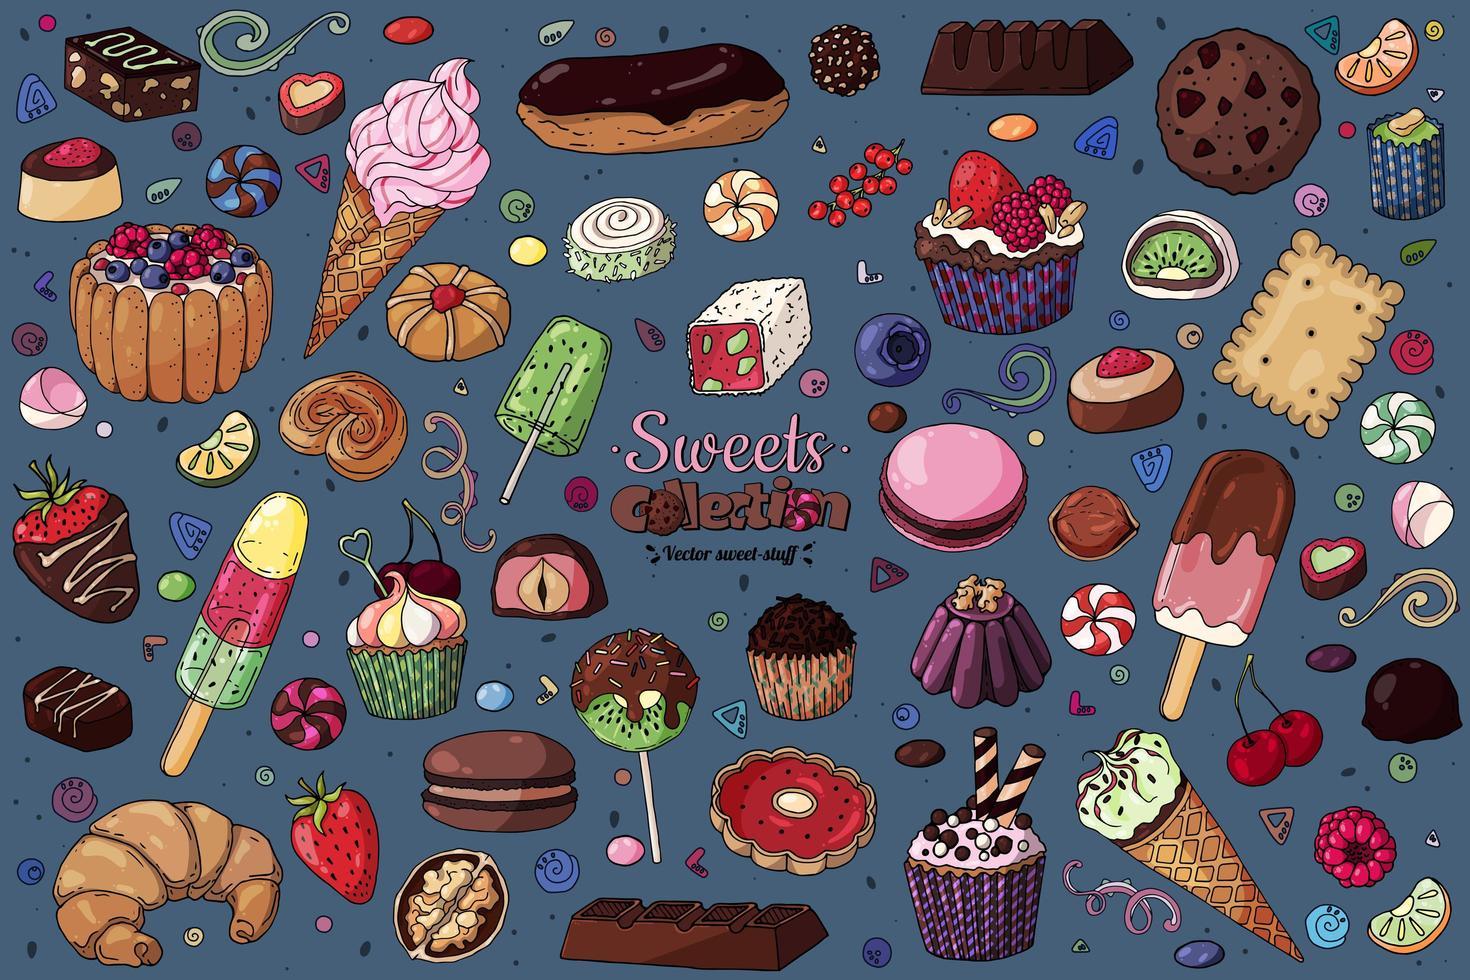 bunte Süßigkeitensammlung vektor